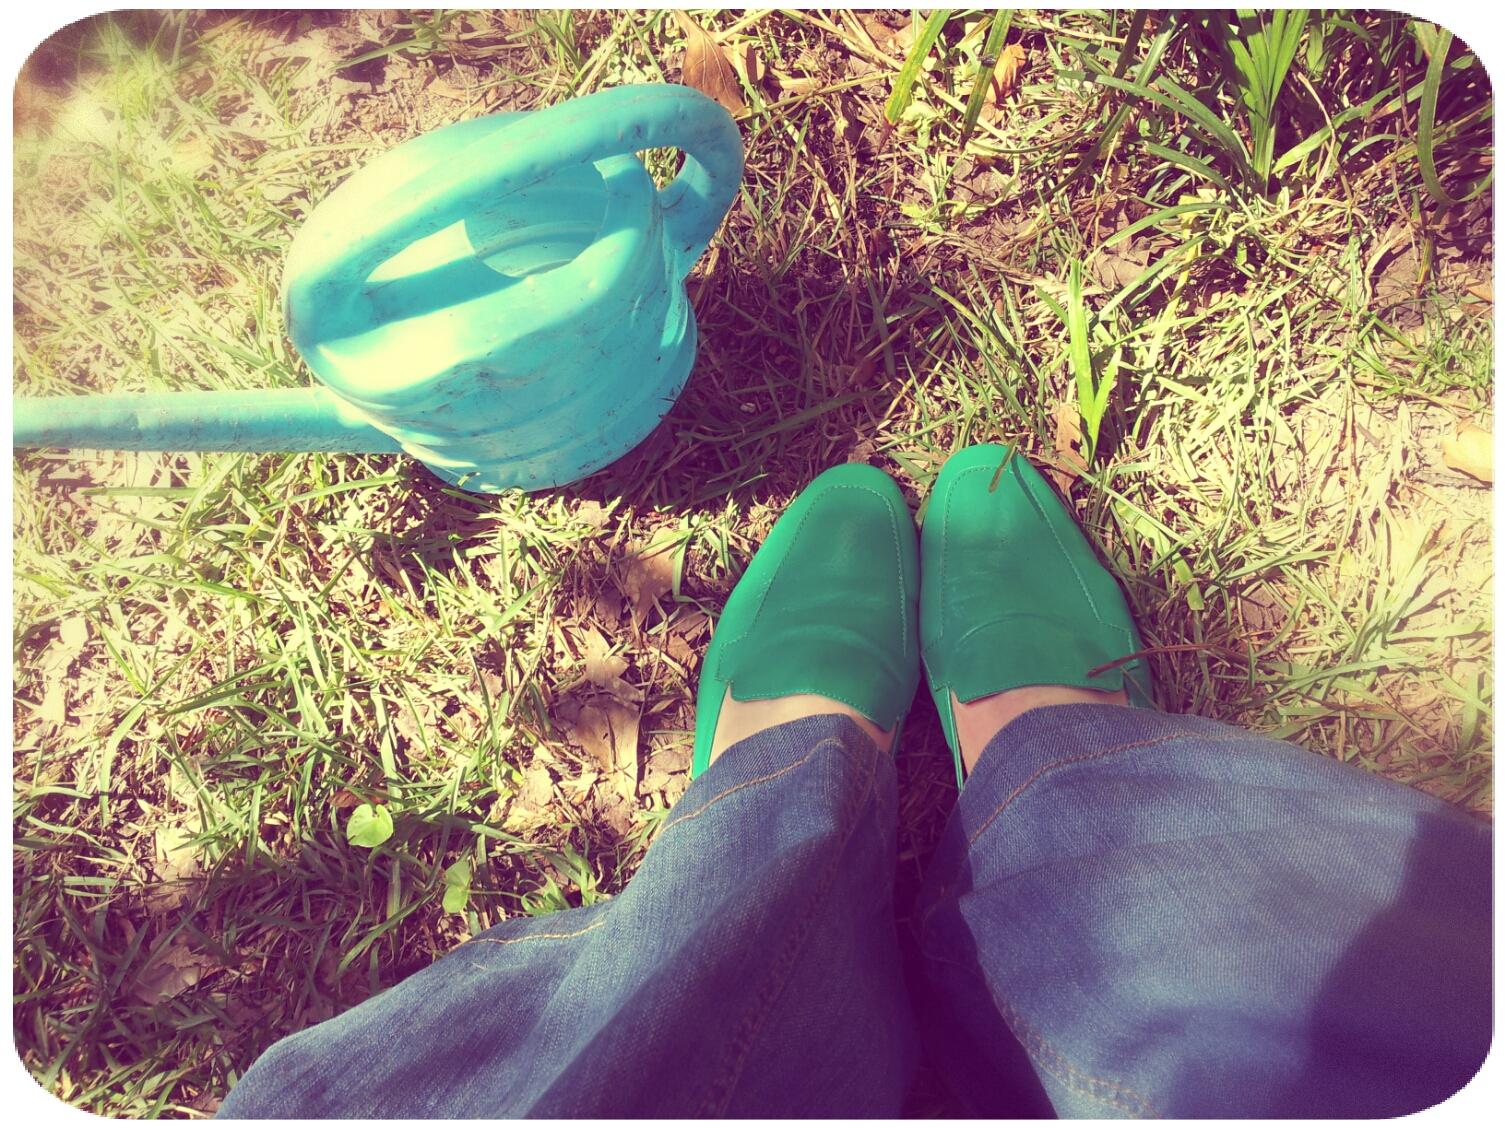 2012-04-08 15.00.26_Melissa_Round.jpg